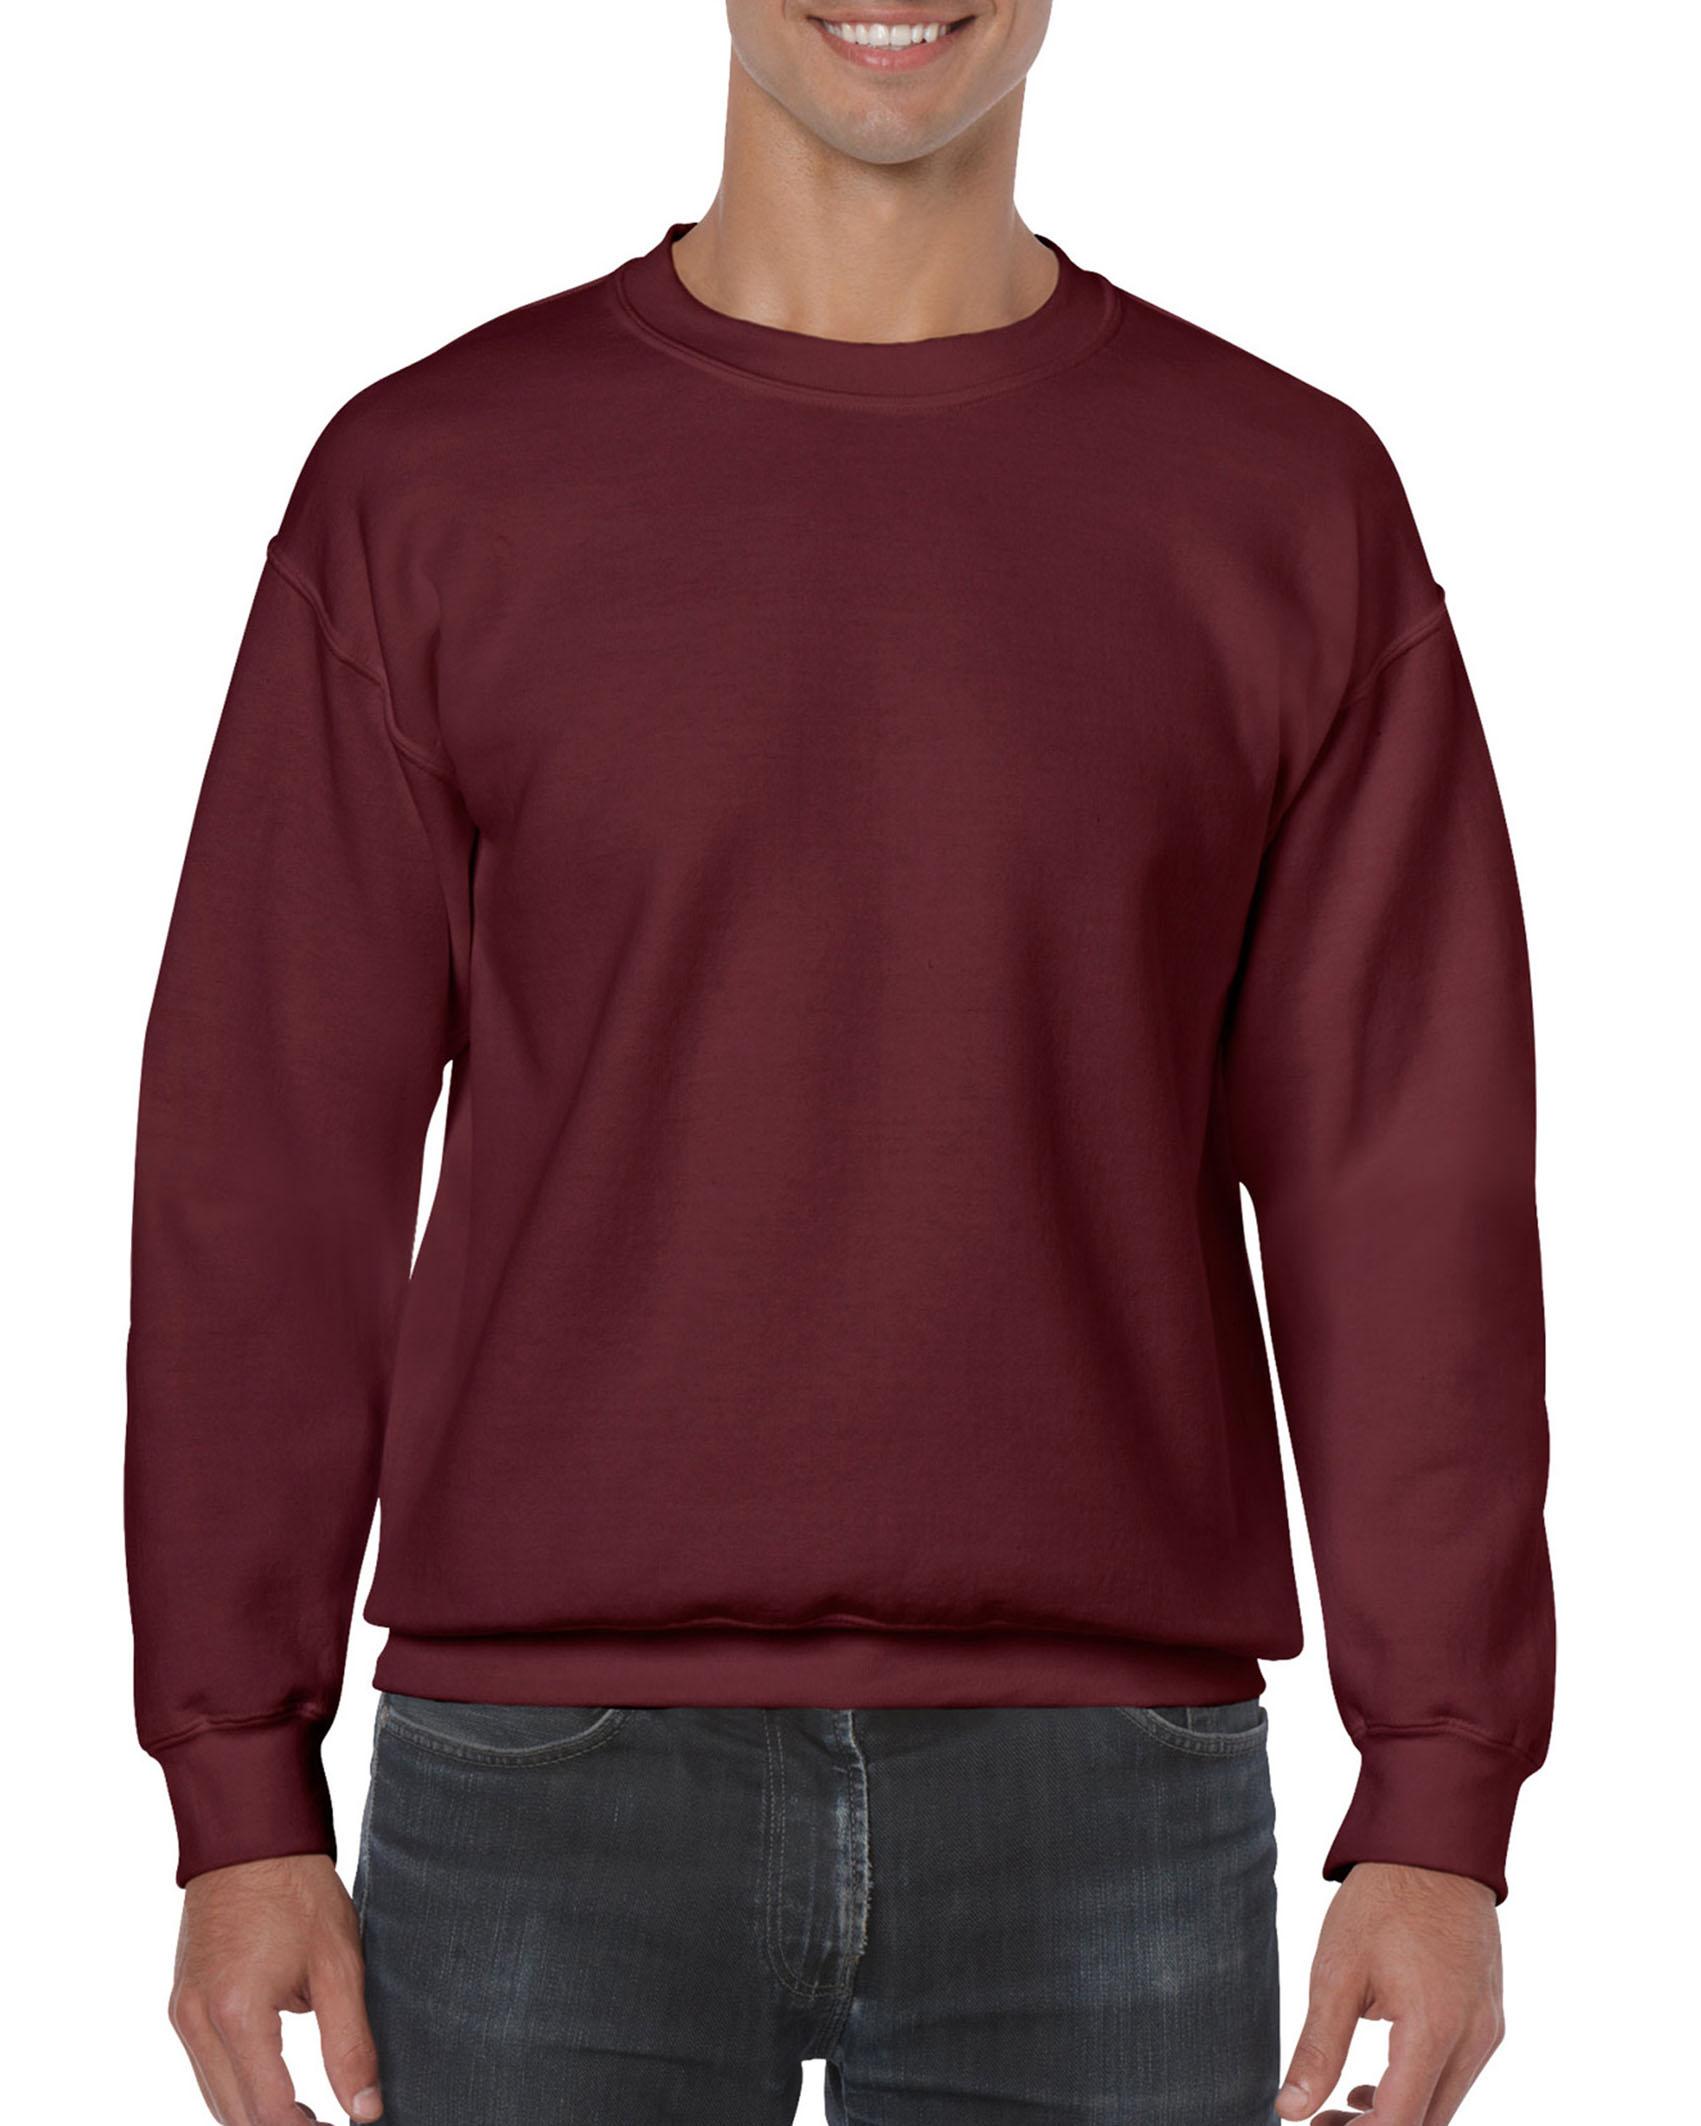 25St Gildan Sweater incl. 1k opdruk (Maroon)